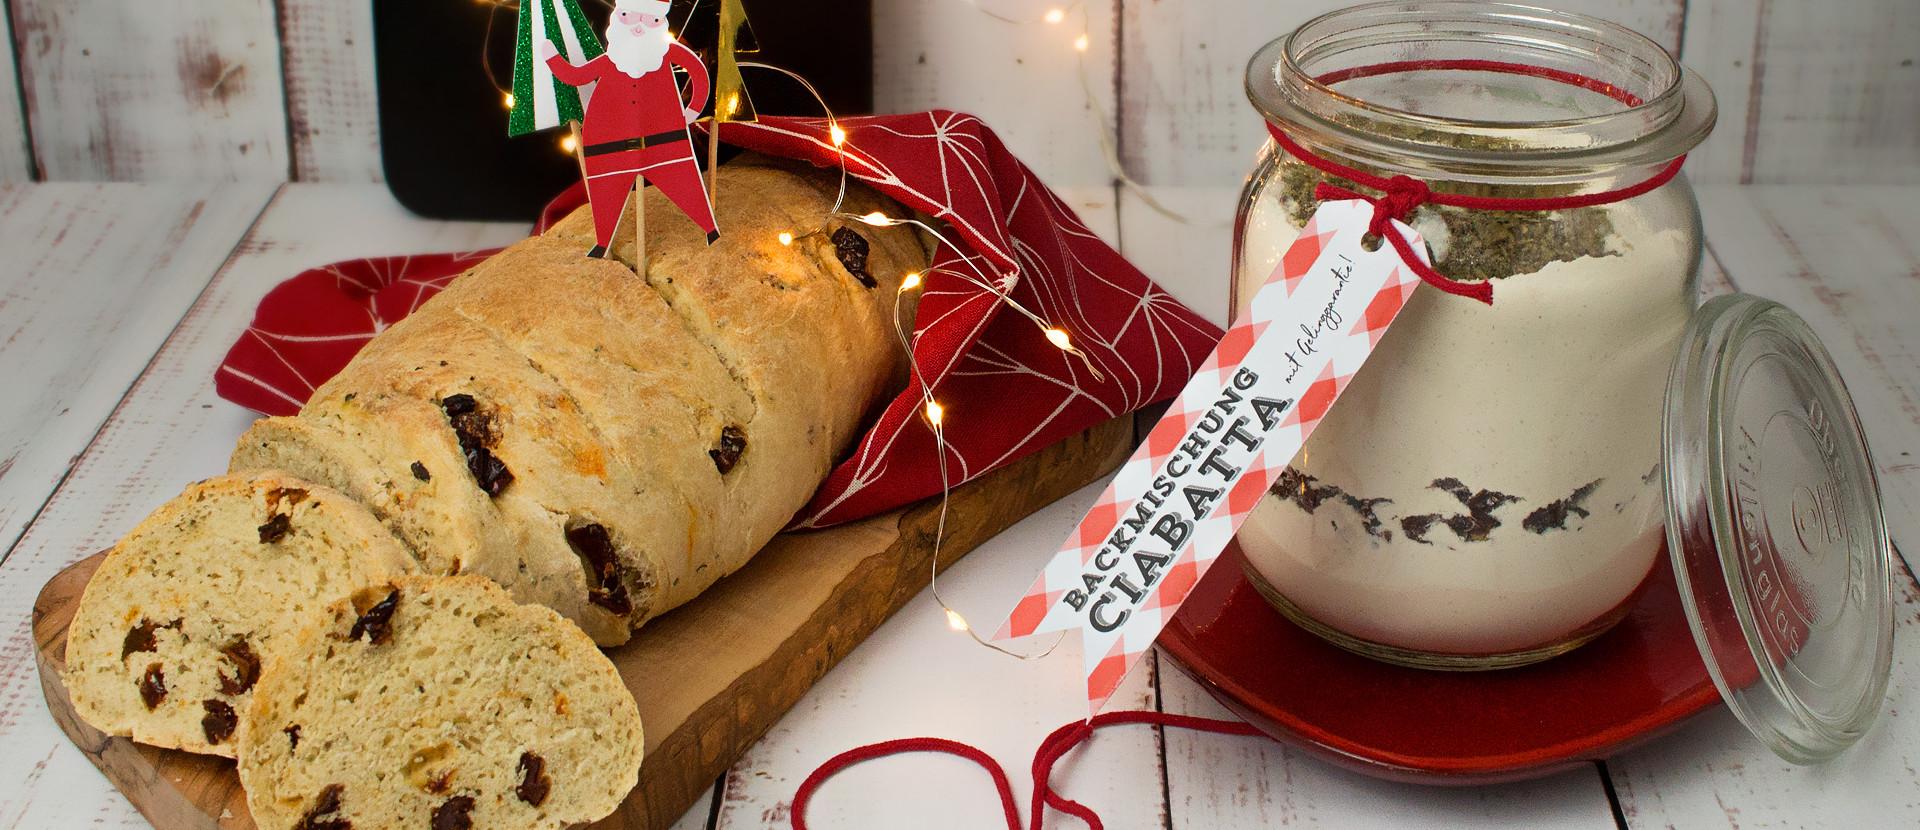 ein Glas mit Backmischung Ciabatta und ein Ciabatta Brot